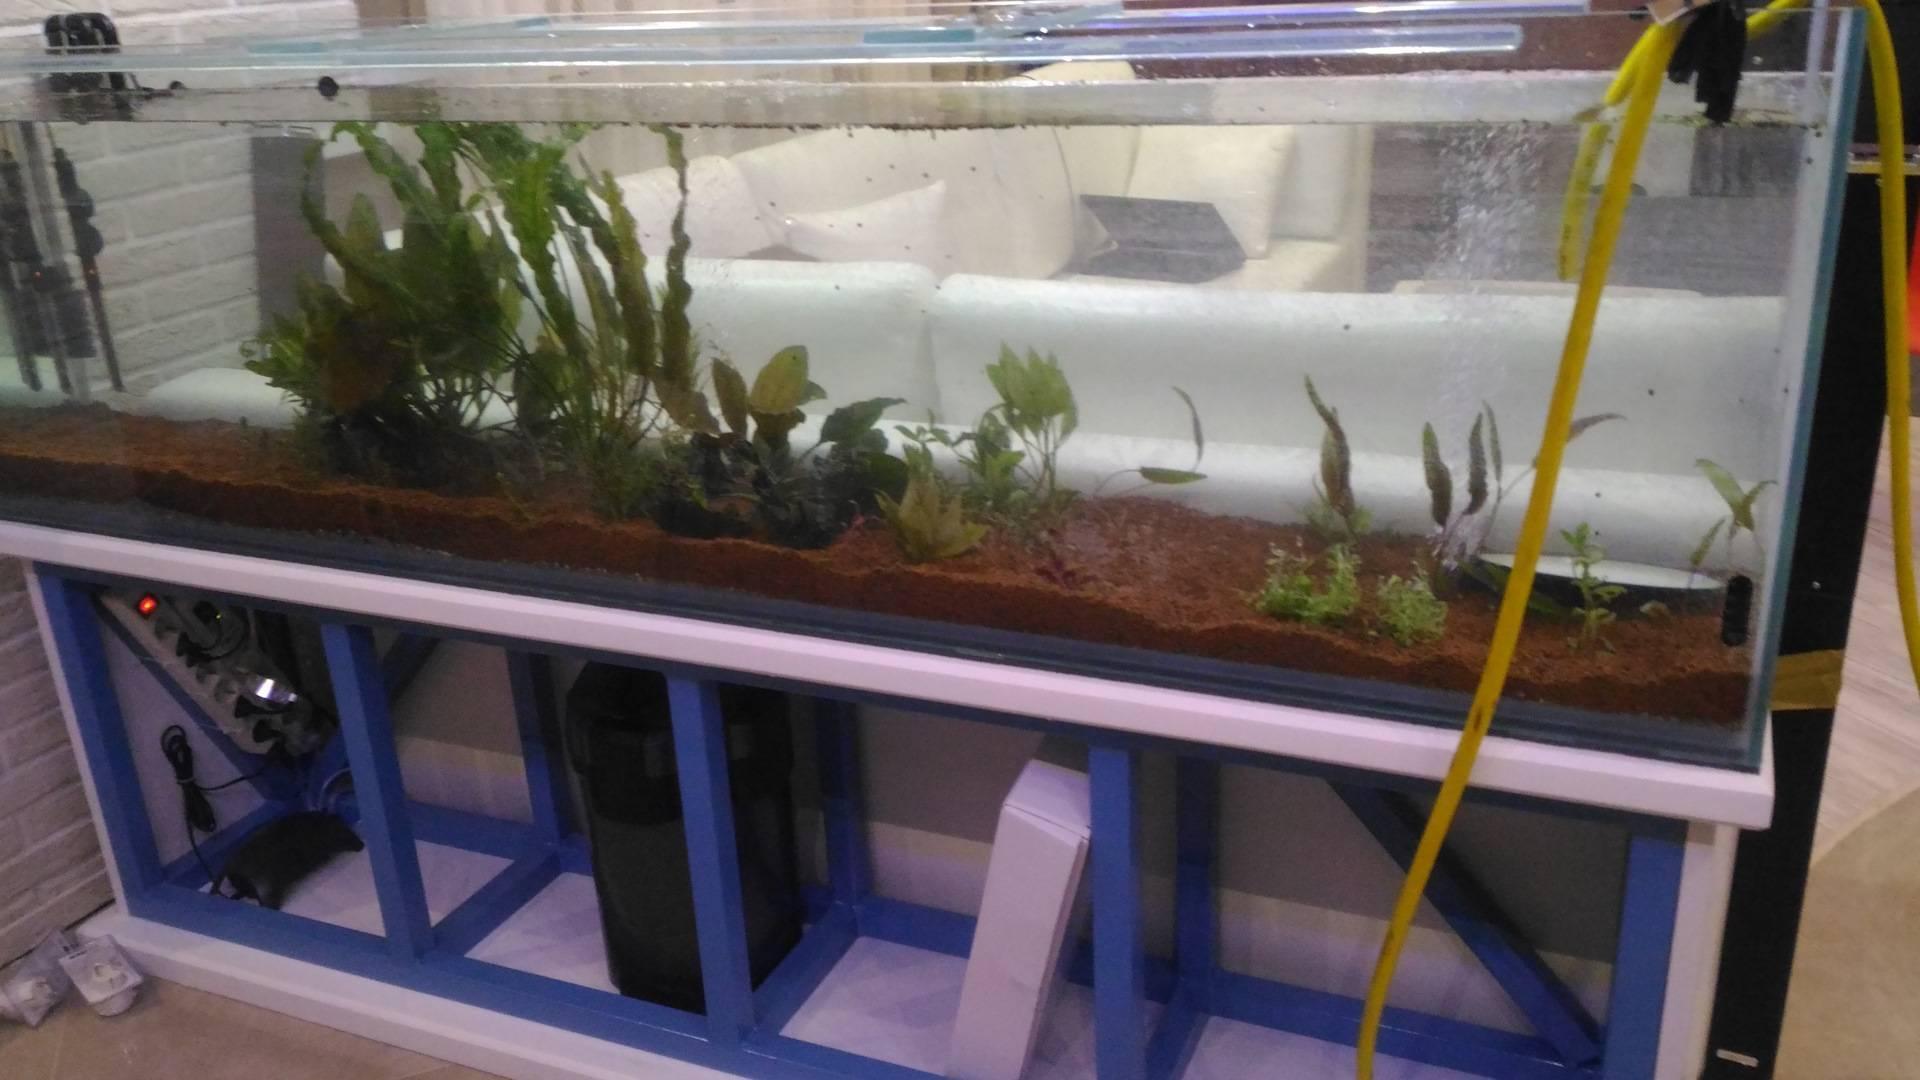 Пошаговый процесс запуска аквариума для новичков, что нужно соблюдать?